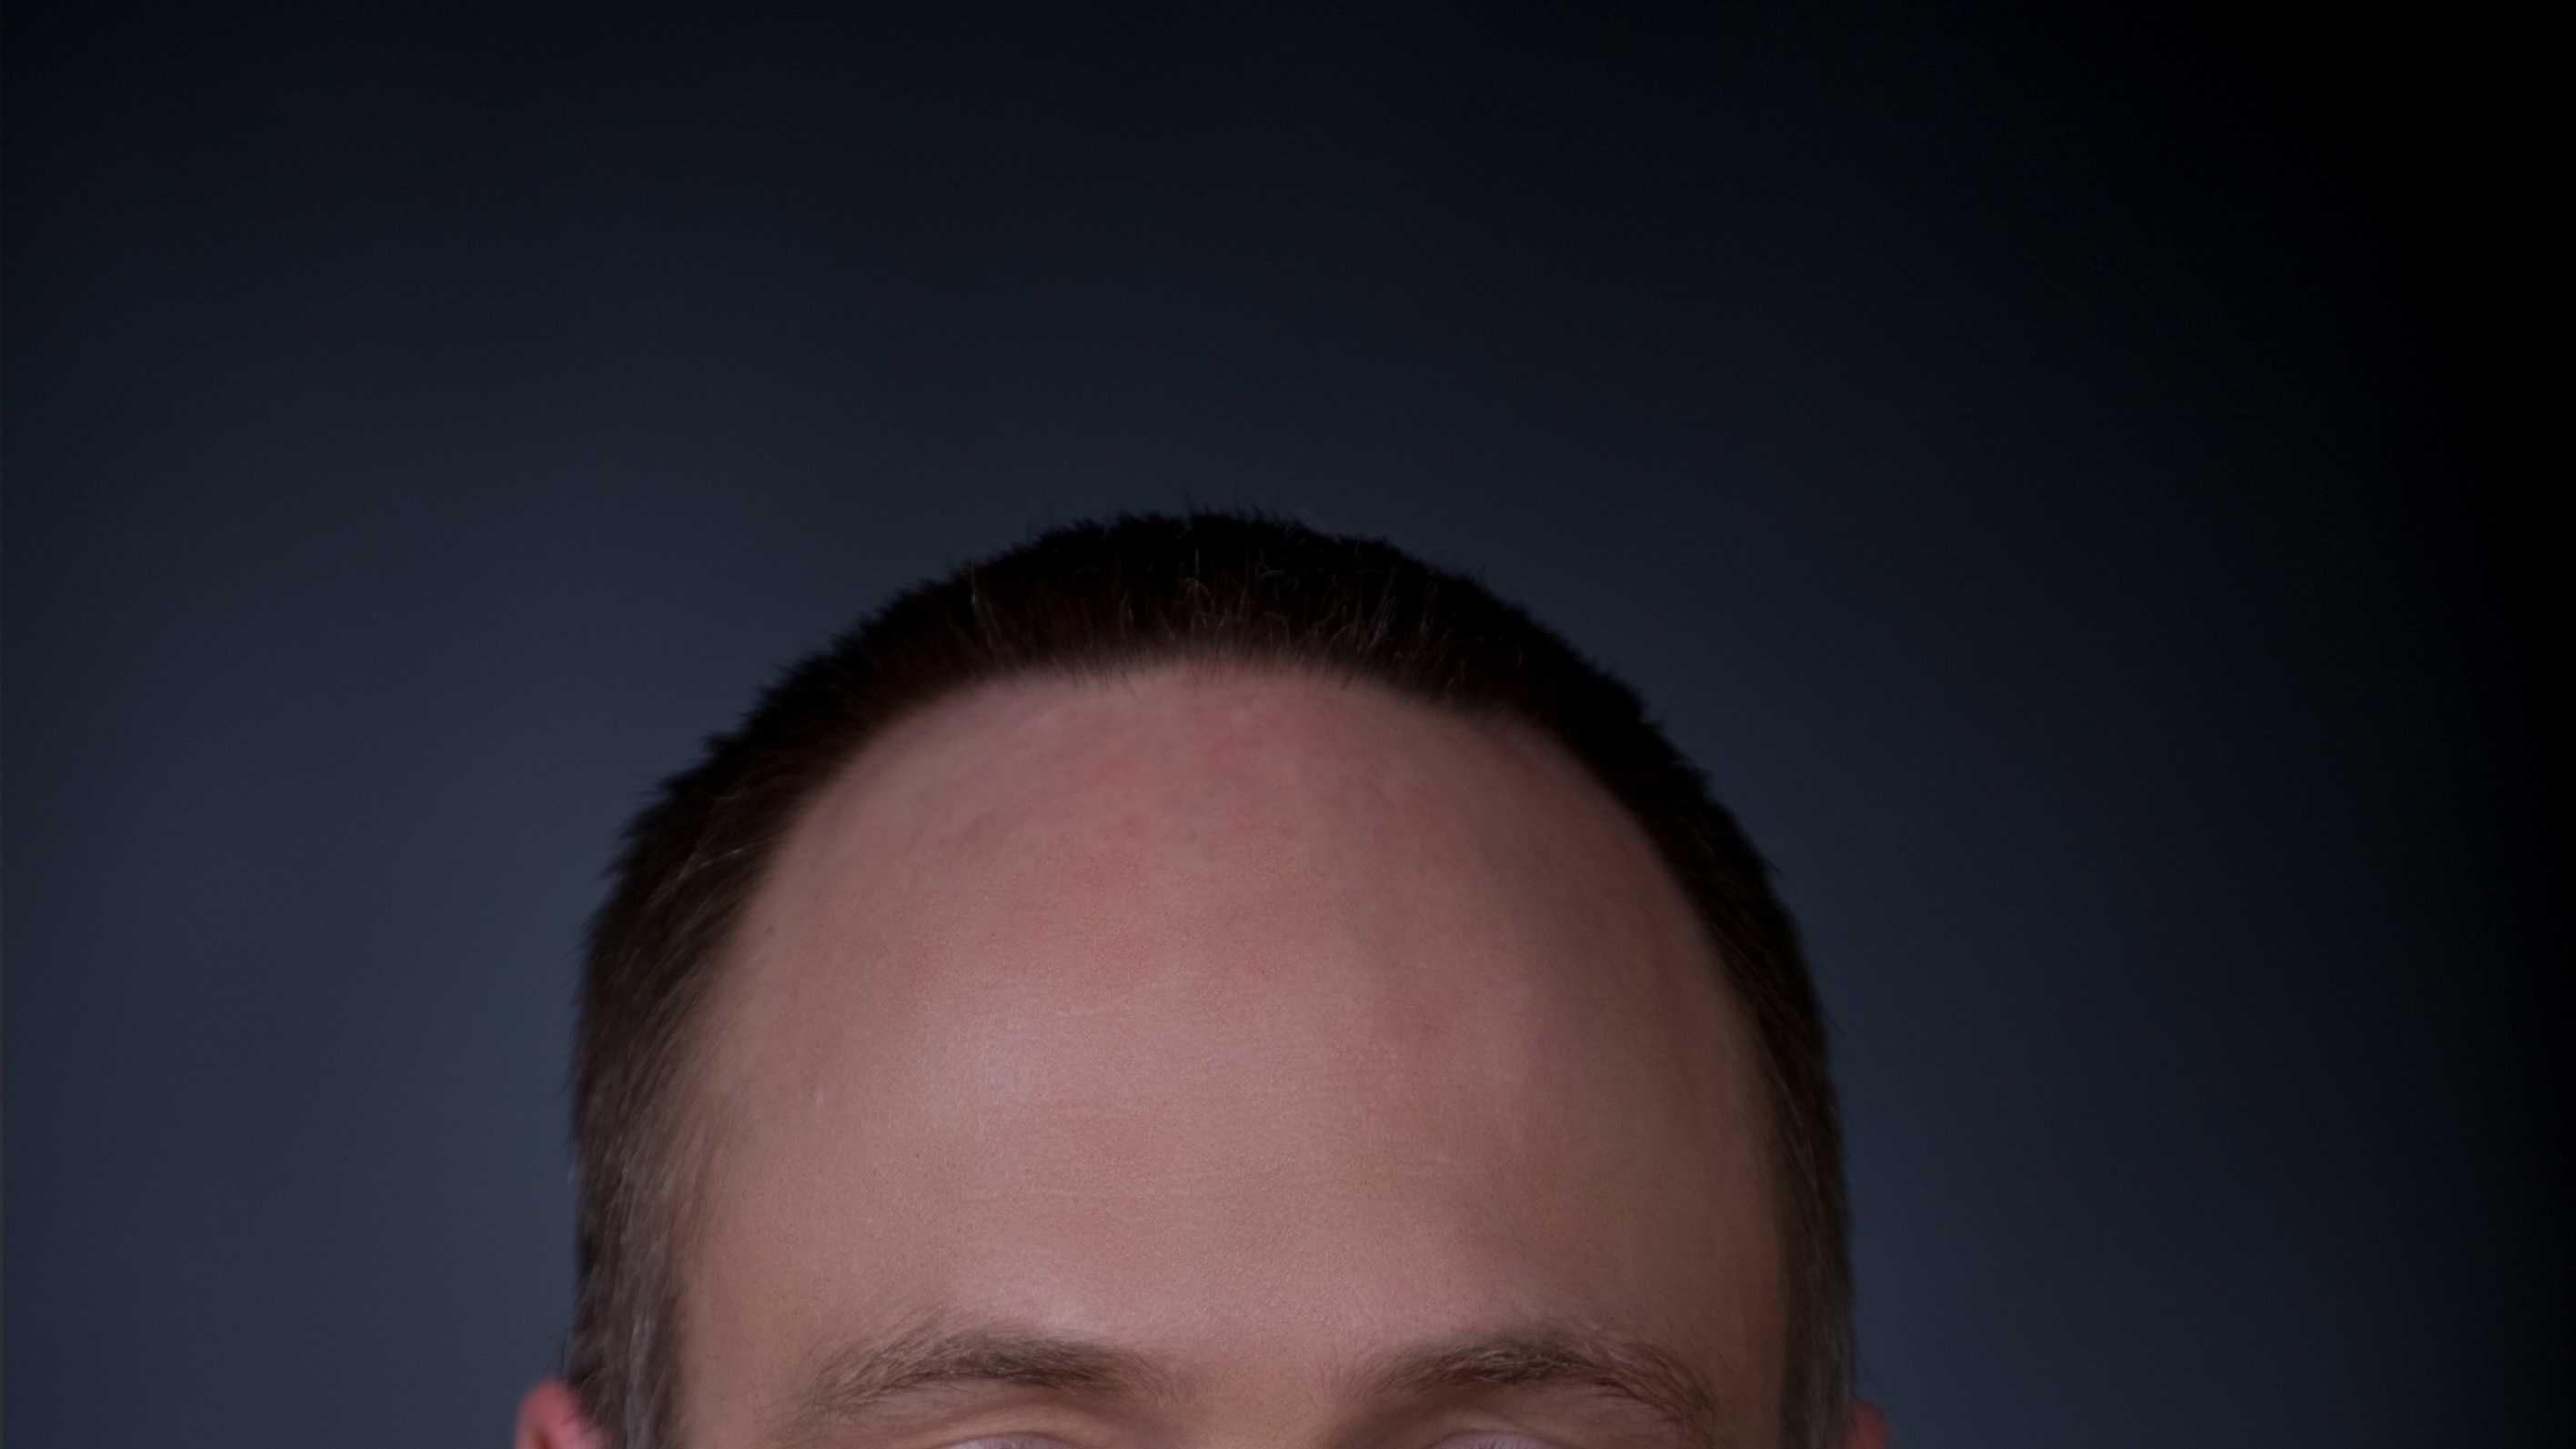 Dr. Greg Bledsoe